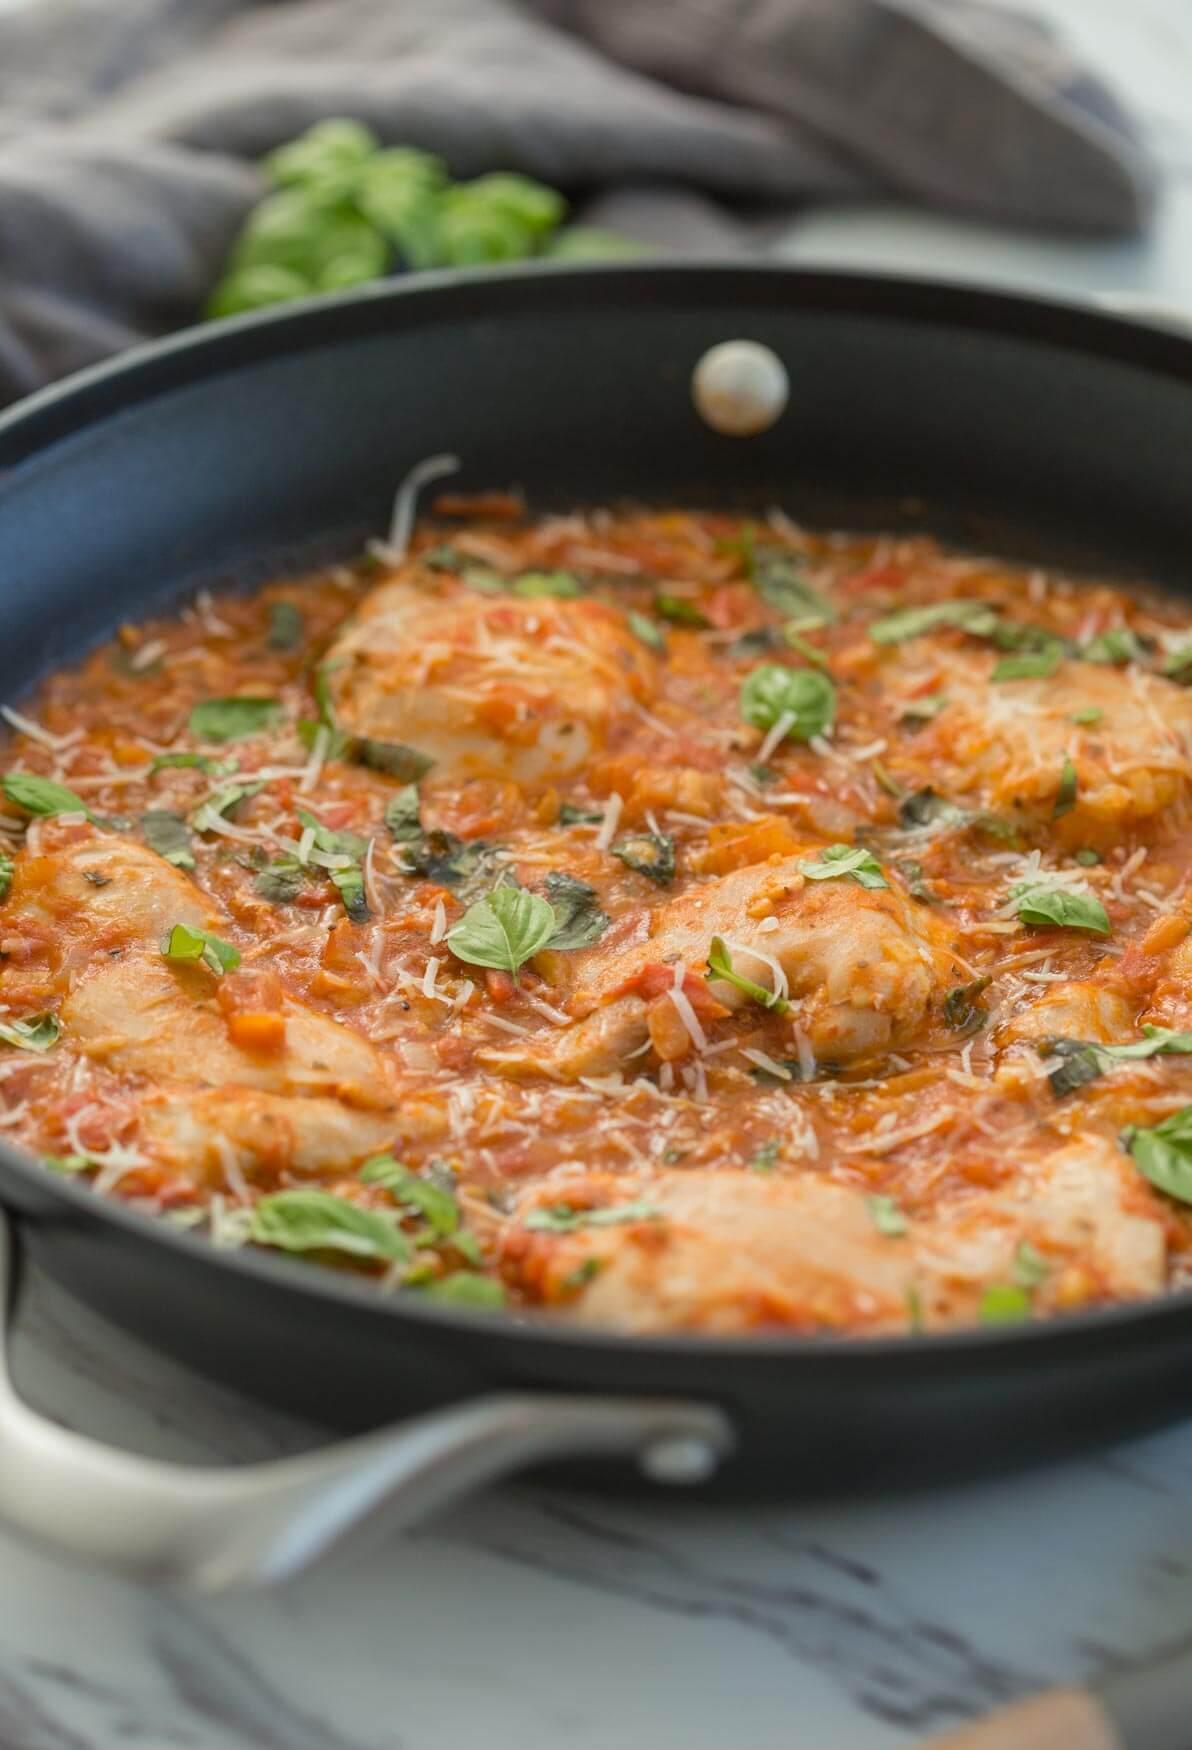 Garlic Basil Chicken In Tomato Sauce With A Secret Ingredient